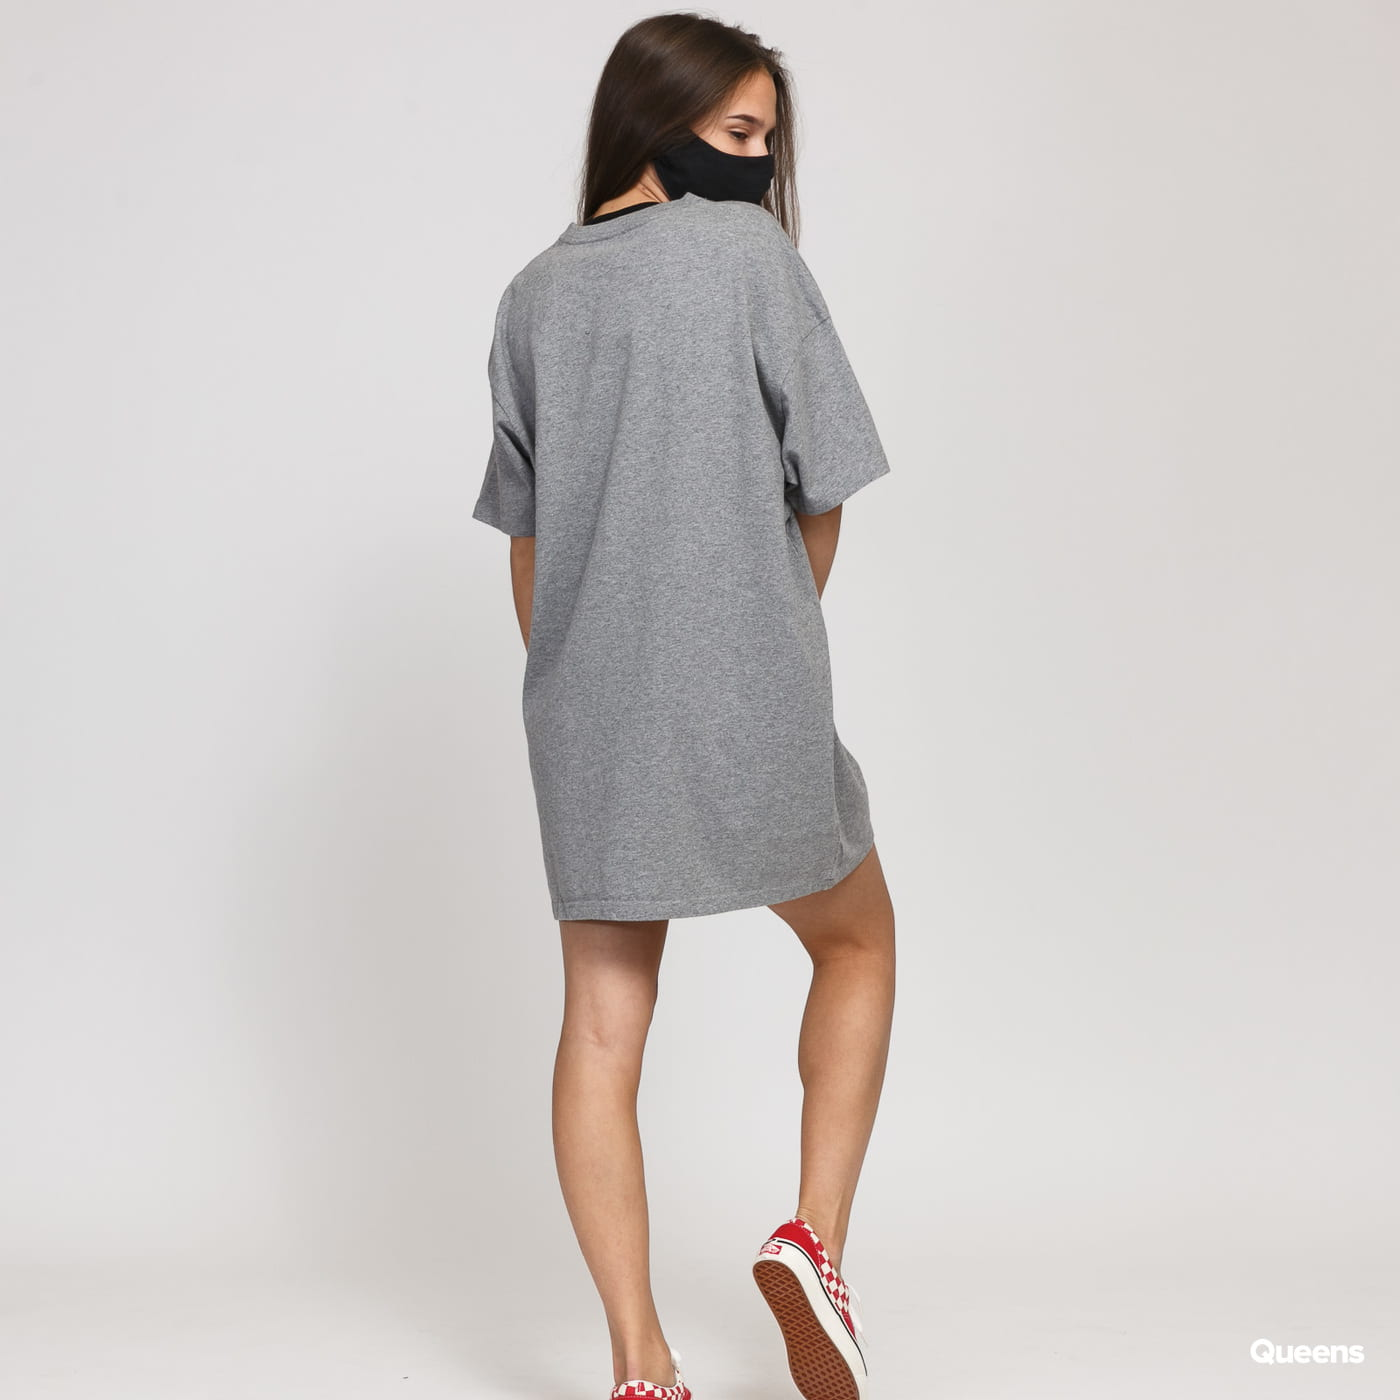 Vans WM Center Vee Tee Dress melange gray